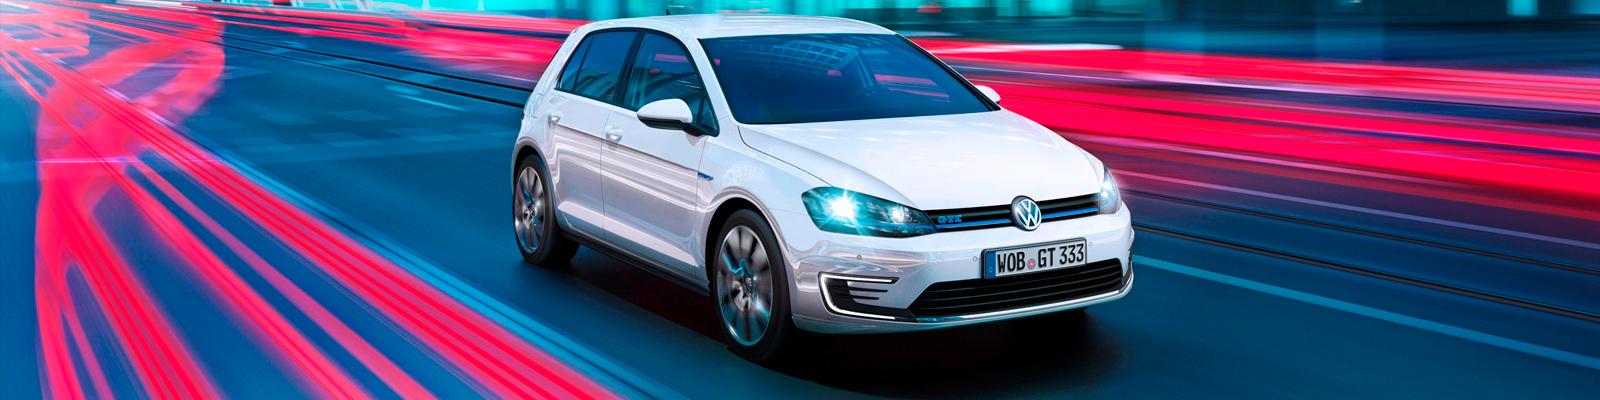 Nuevo Volkswagen Golf GTE